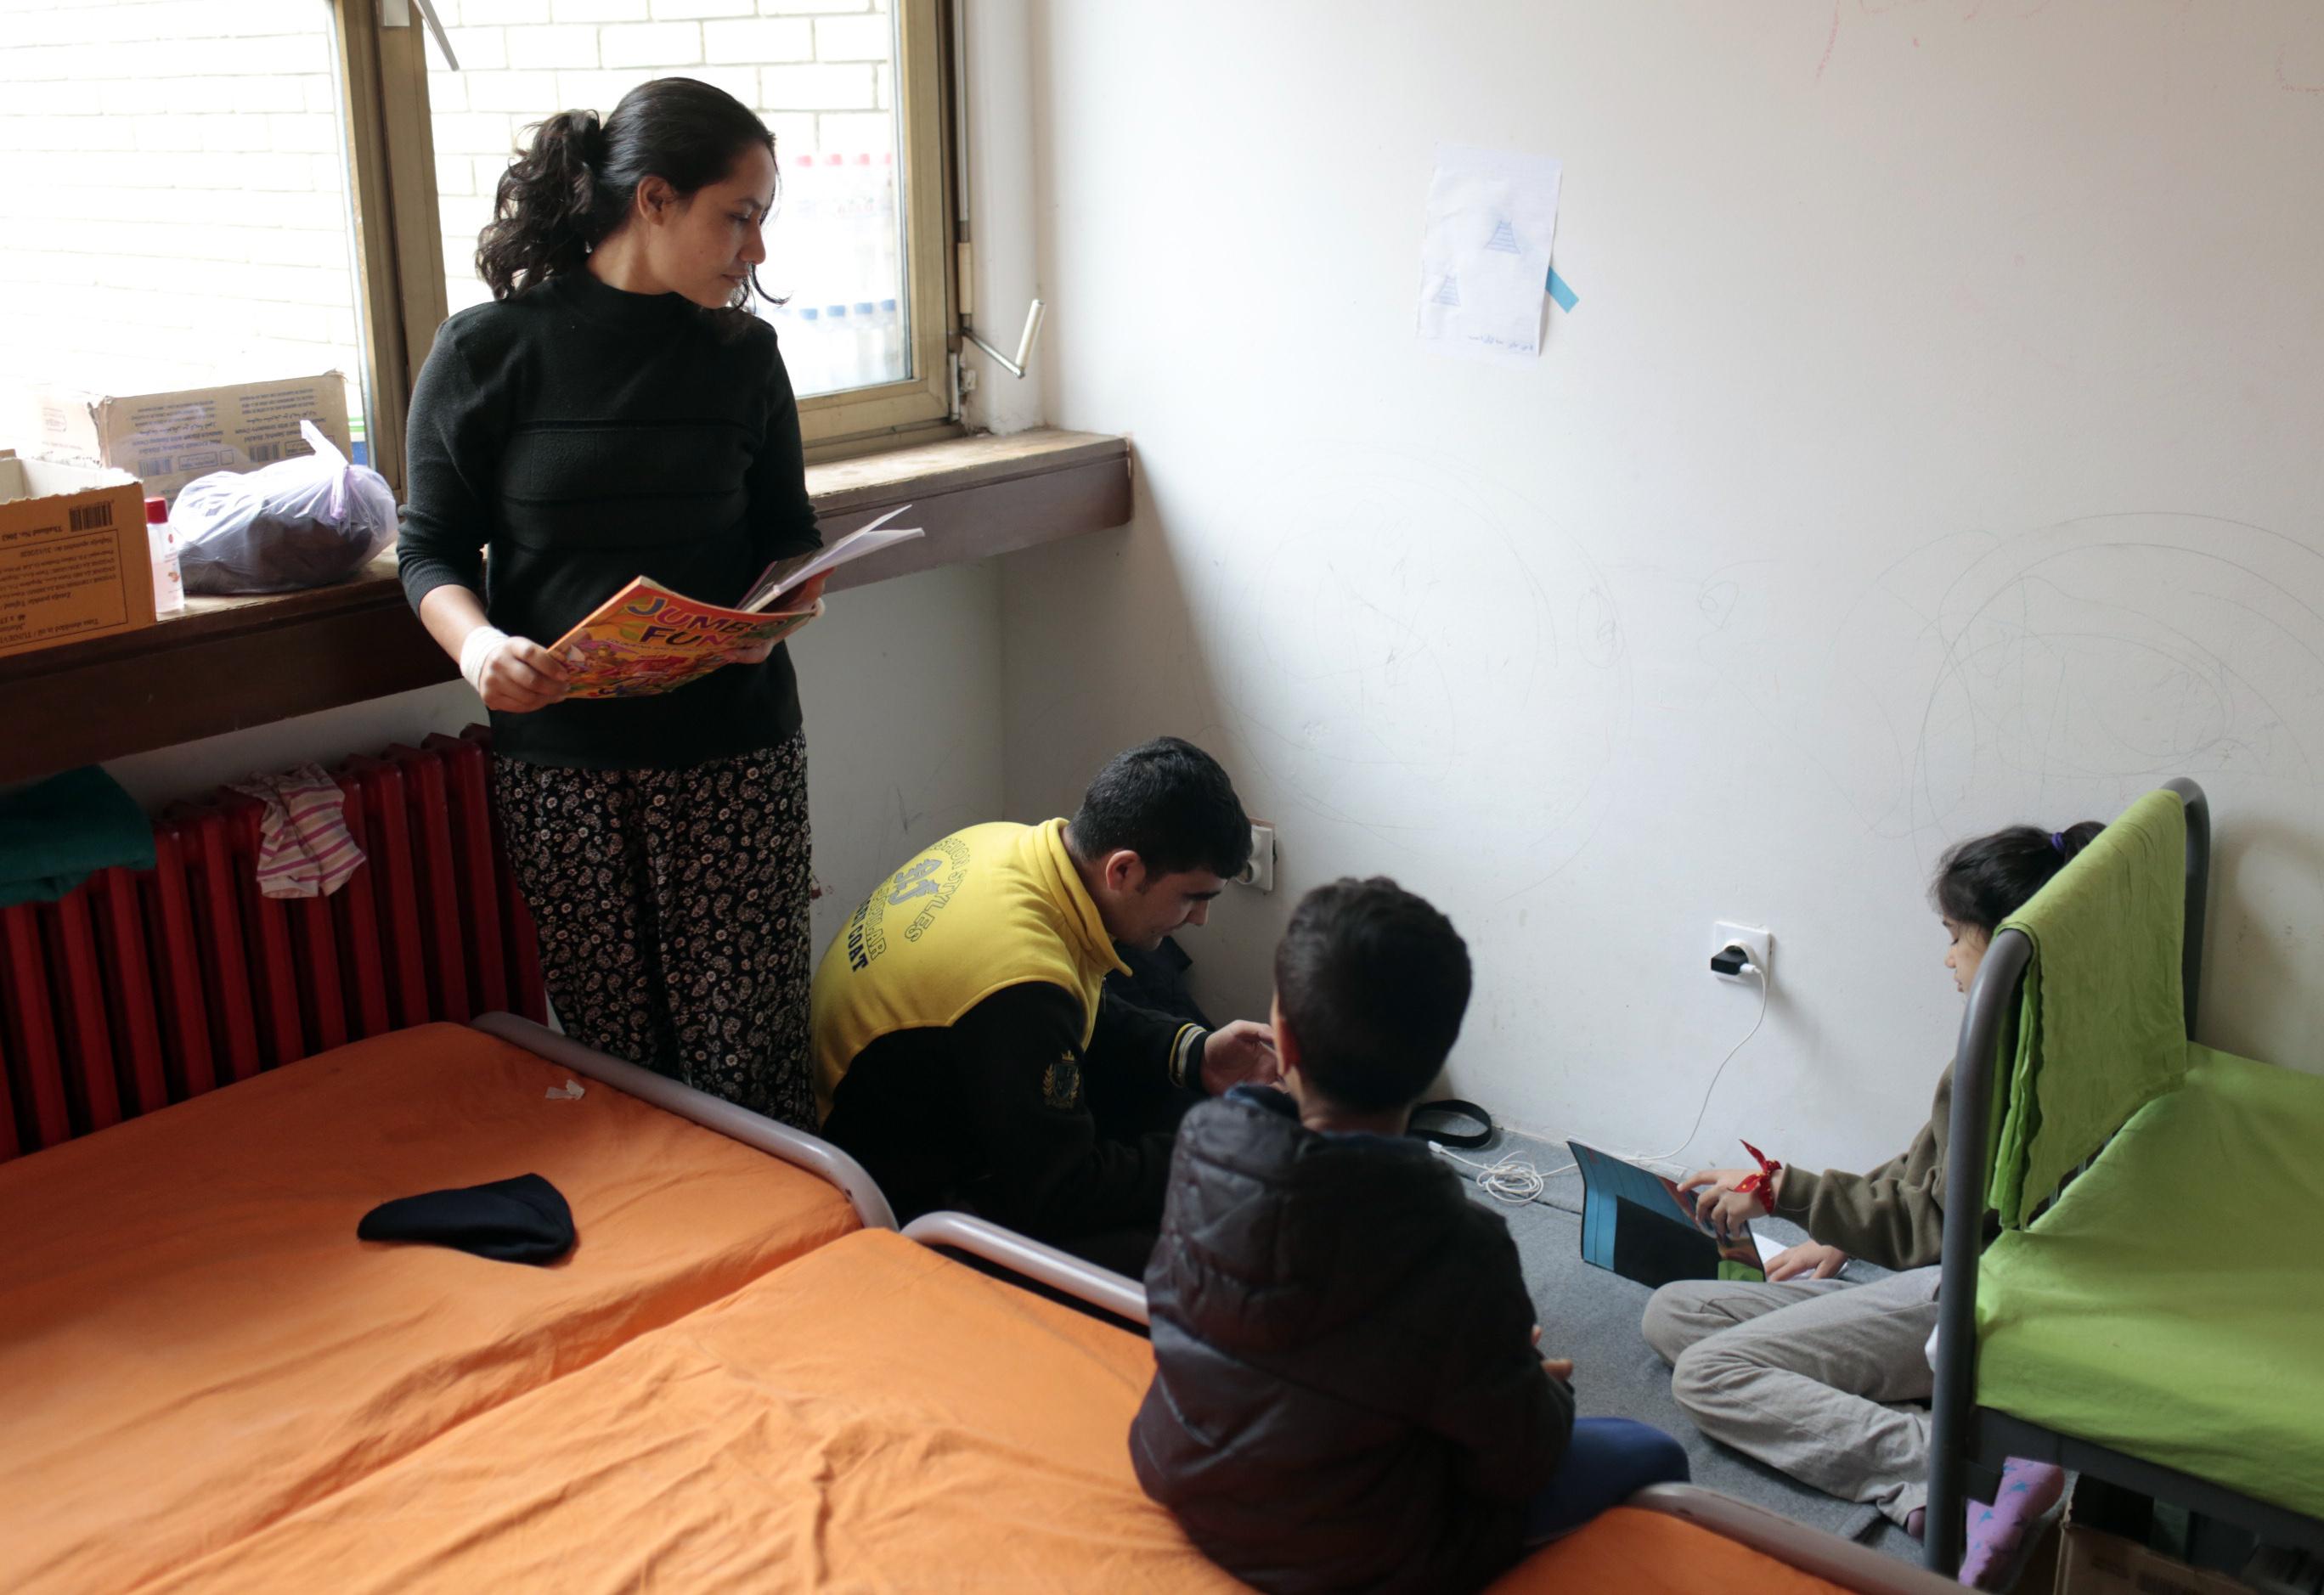 Novinarka iz Avganistana sa porodicom. Foto: Goran Sivački